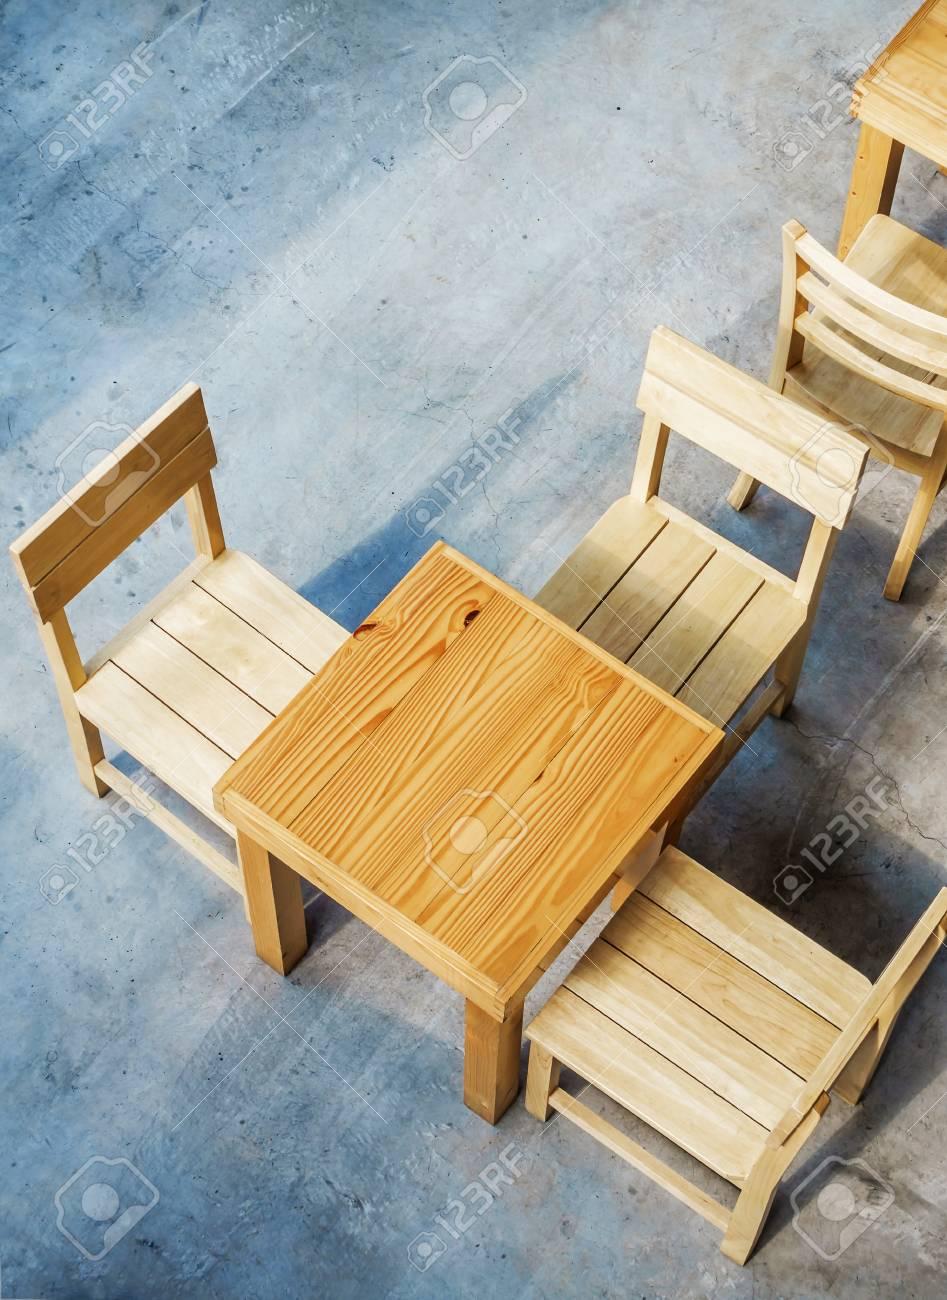 Foto Di Tavoli In Legno.Immagini Stock Vista Dall Alto Di Tavoli E Sedie In Legno In